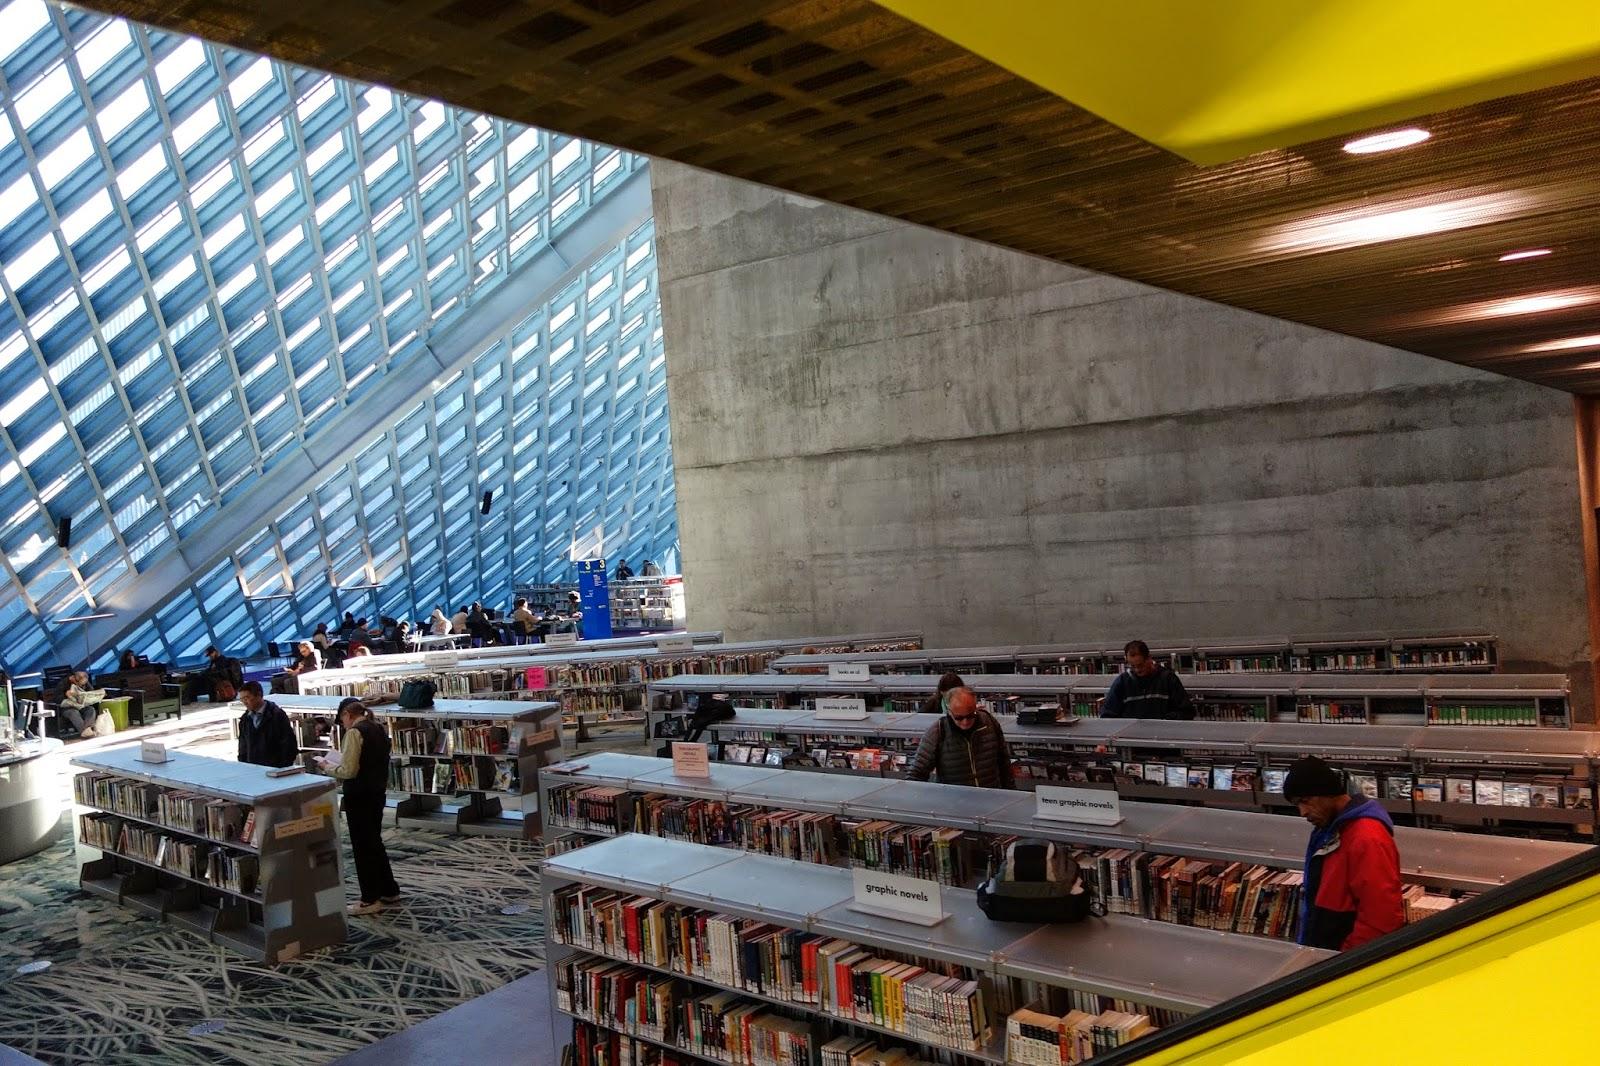 西雅圖中央圖書館 攝影林珮芸